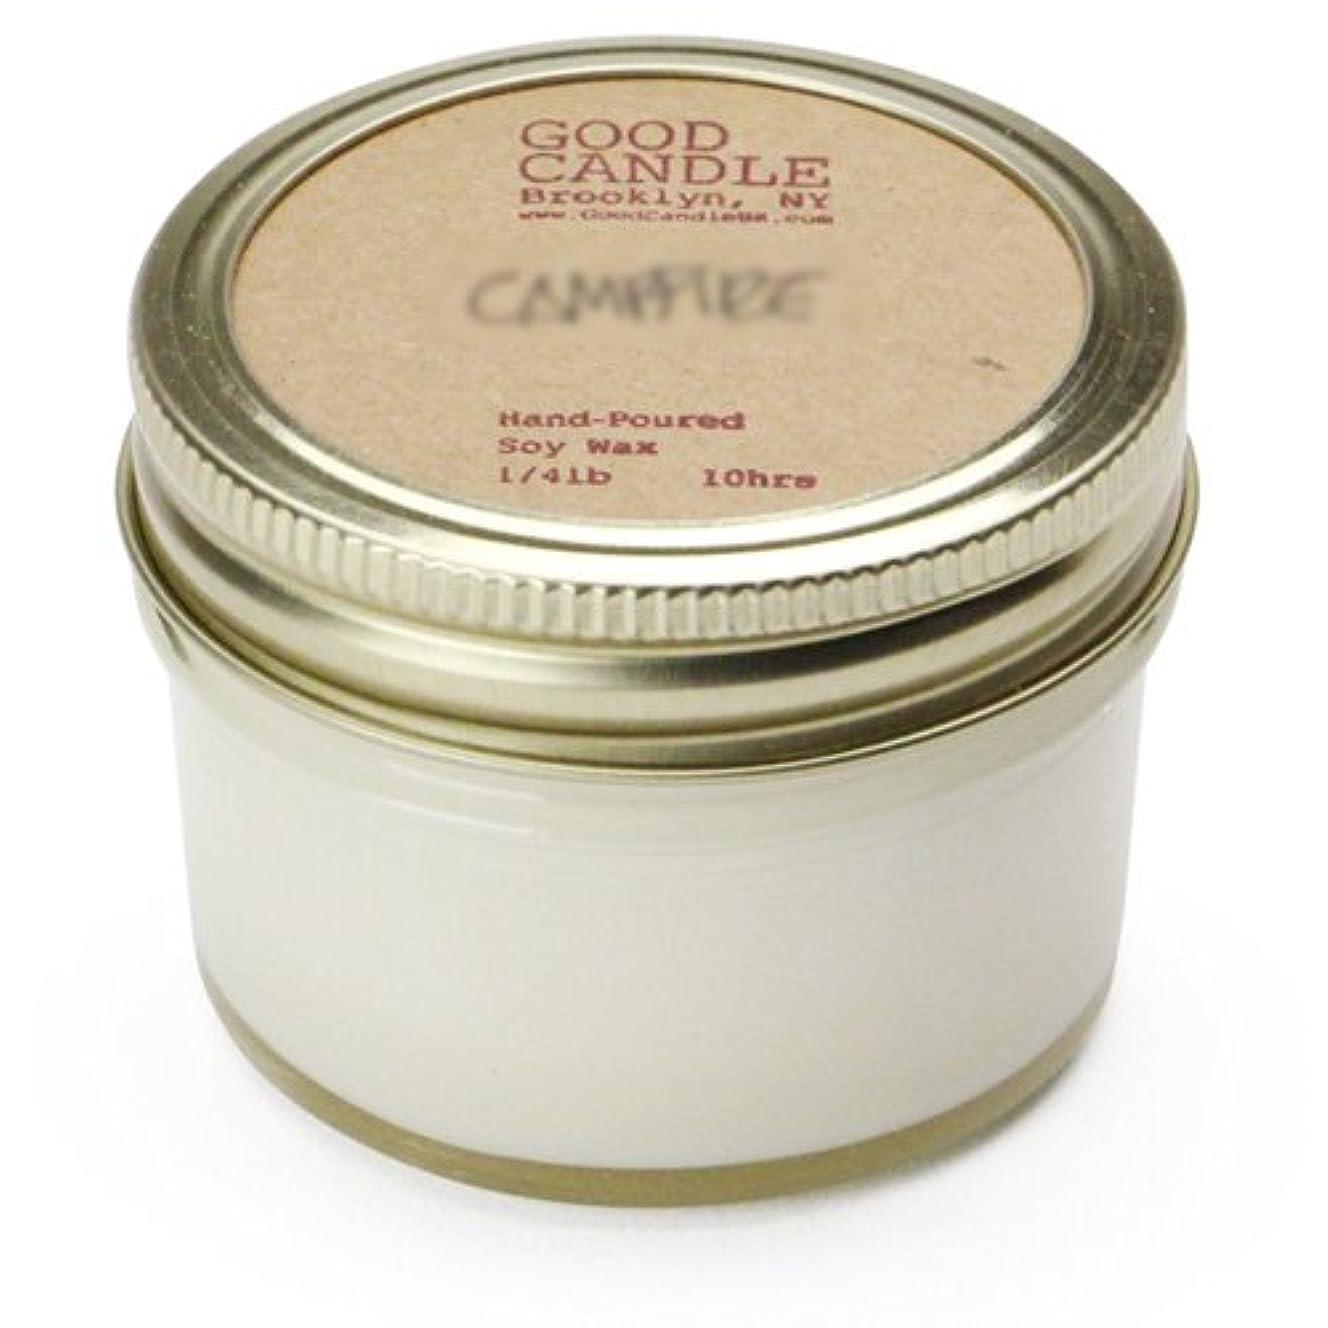 メドレー打ち上げる何十人もグッドキャンドル 1/4ポンド ゼリージャー キャンドル Good Candle 1/4LB Jelly jar candle [ Wash board ] 正規品